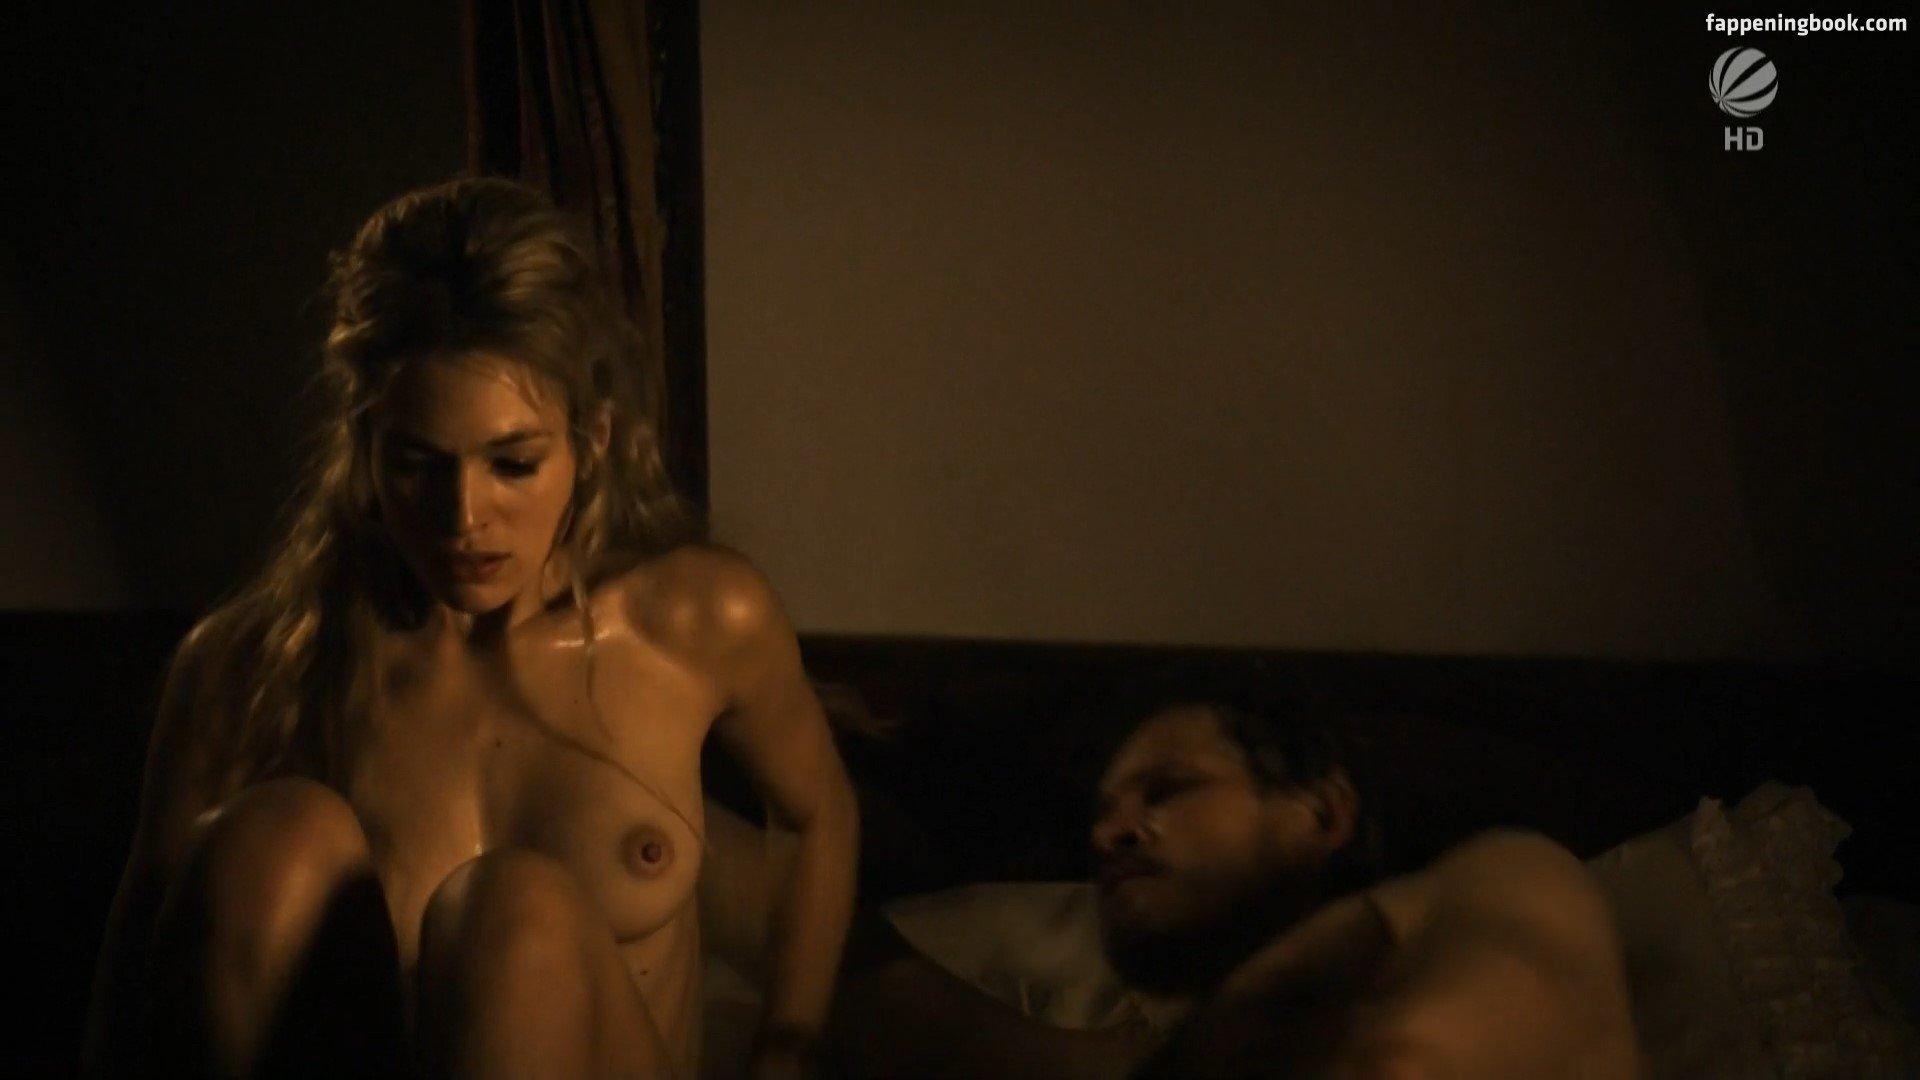 Julie nackt Engelbrecht Actresses who